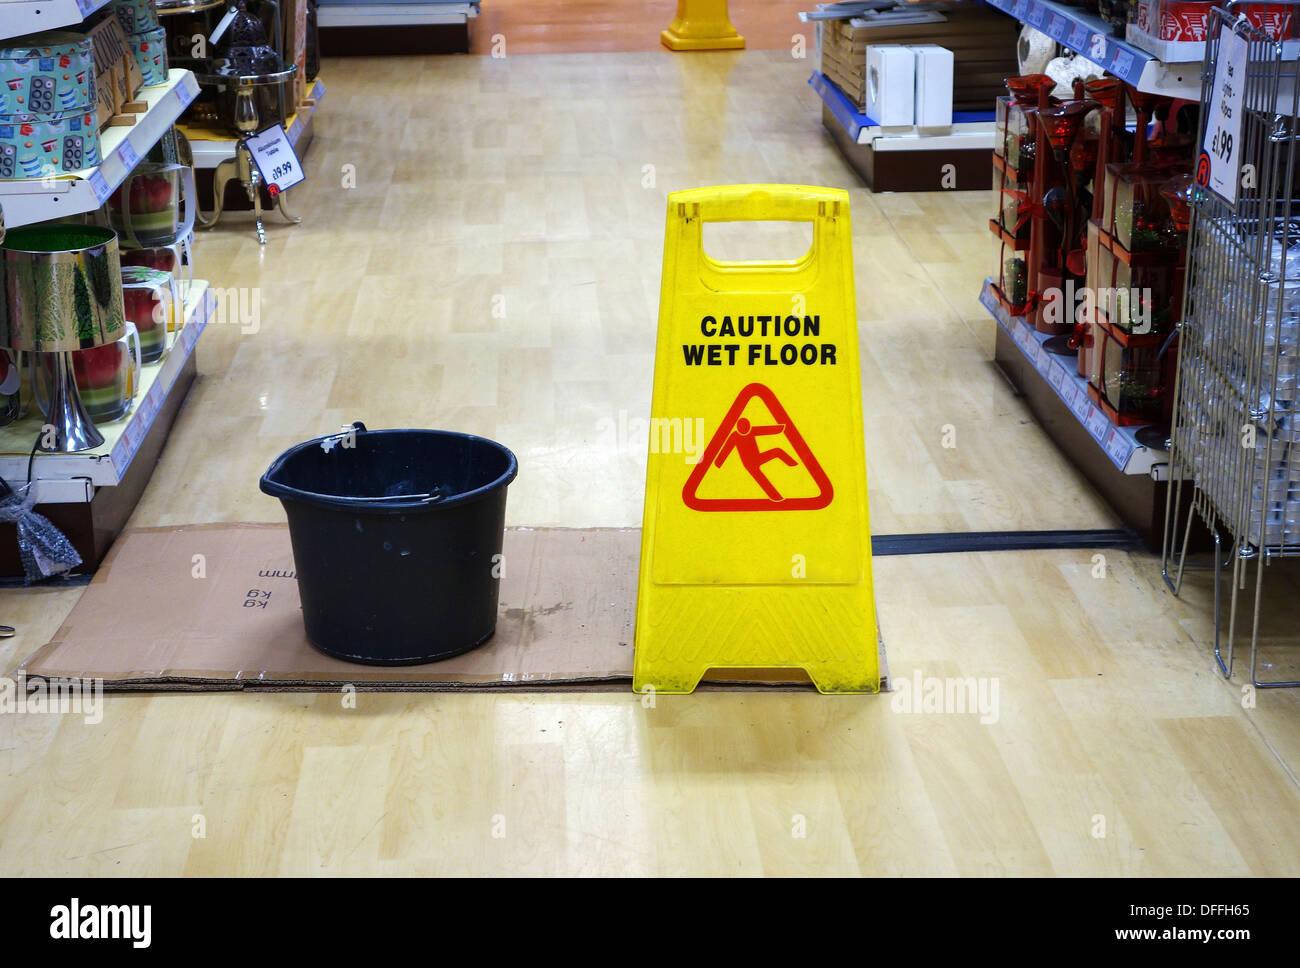 Un messaggio di attenzione ' pavimento bagnato ' avviso in un negozio Immagini Stock